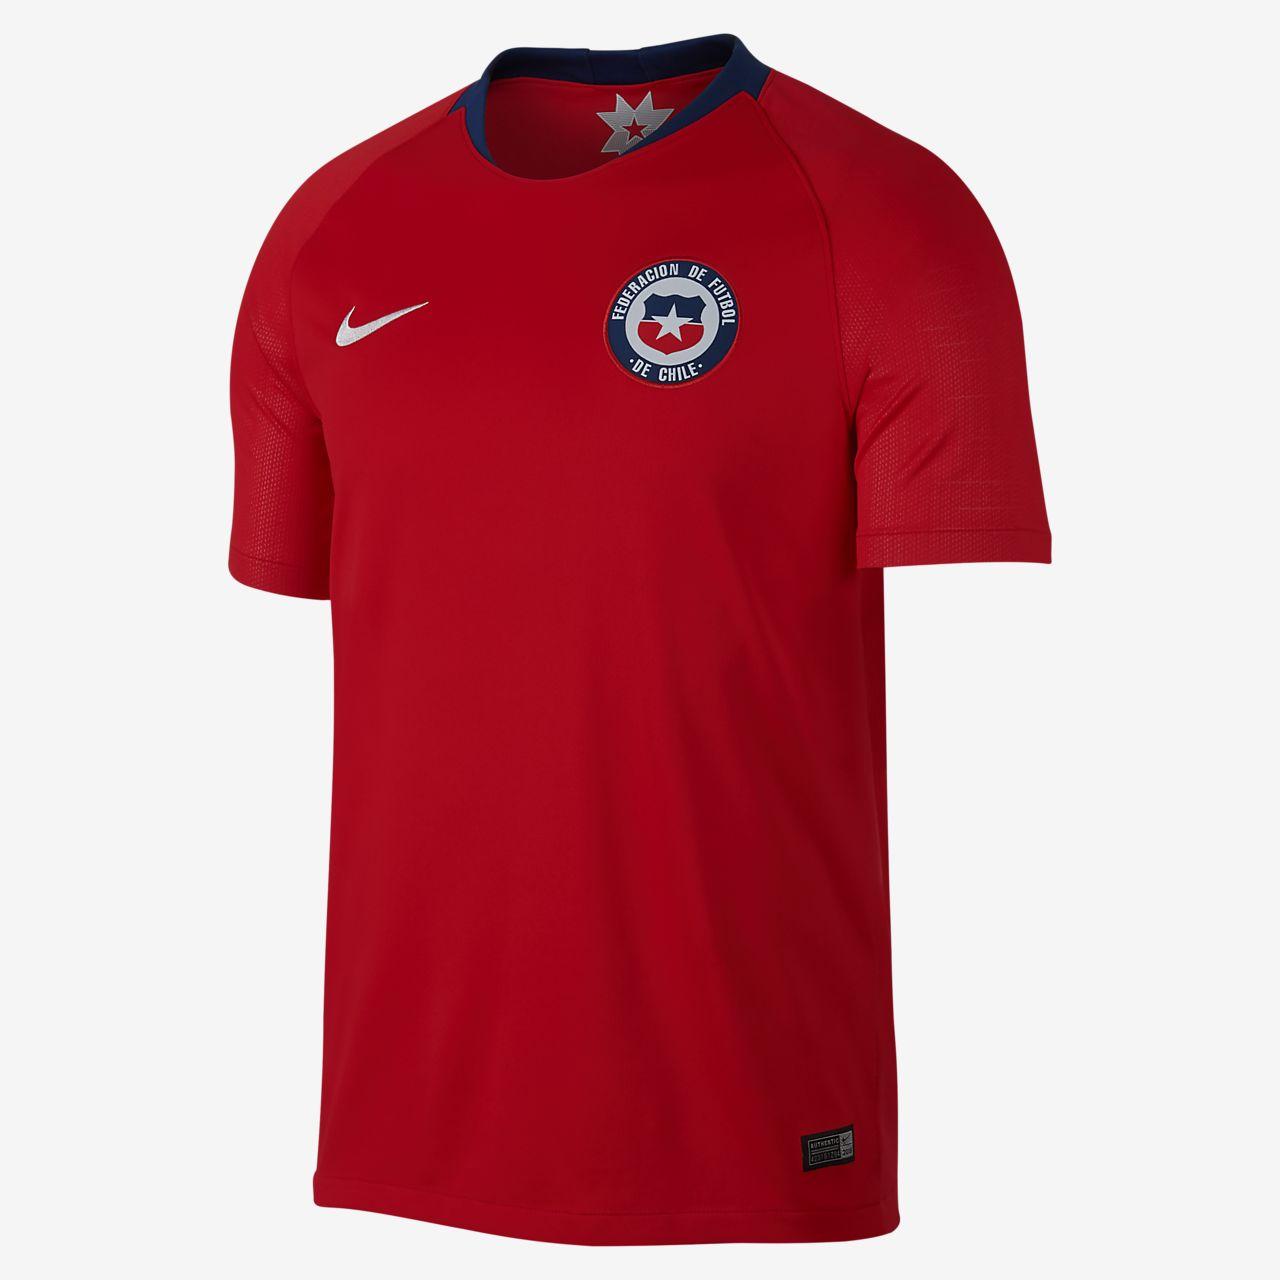 2018 Chile Stadium Home Herren-Fußballtrikot